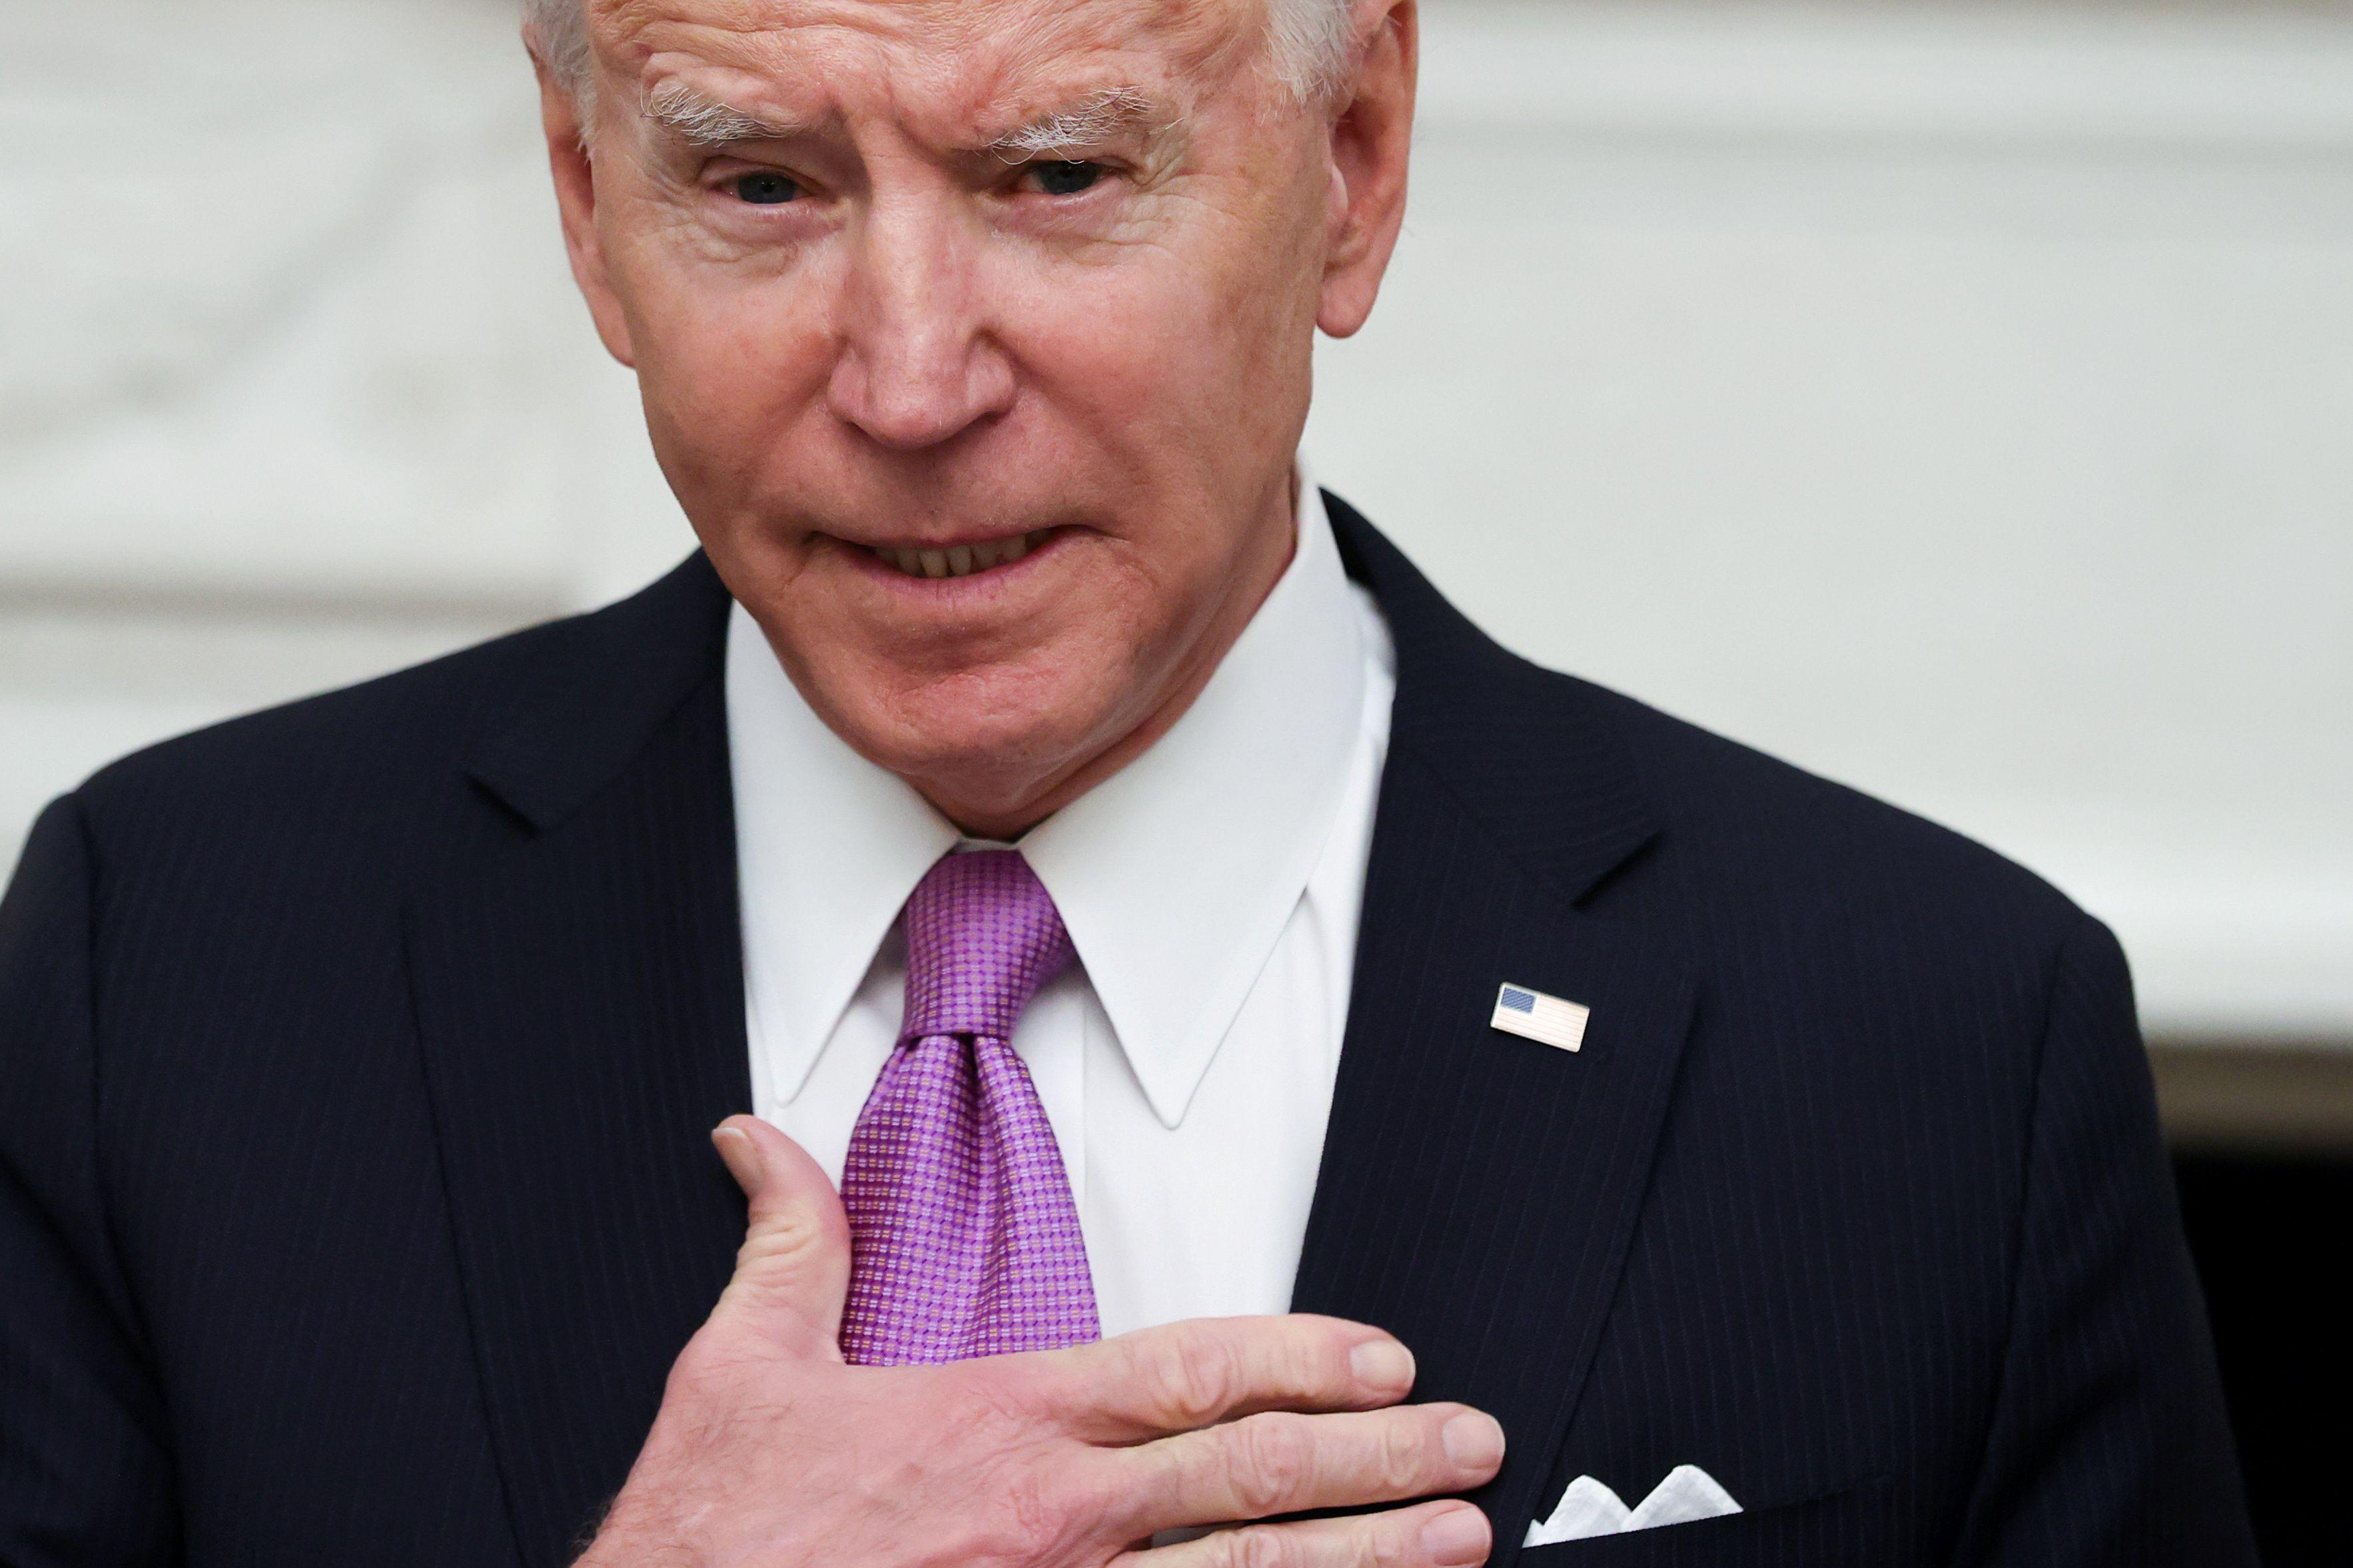 El presidente Biden también combatirá la situación económica de EEUU  (Foto: Reuters / Jonathan Ernst)